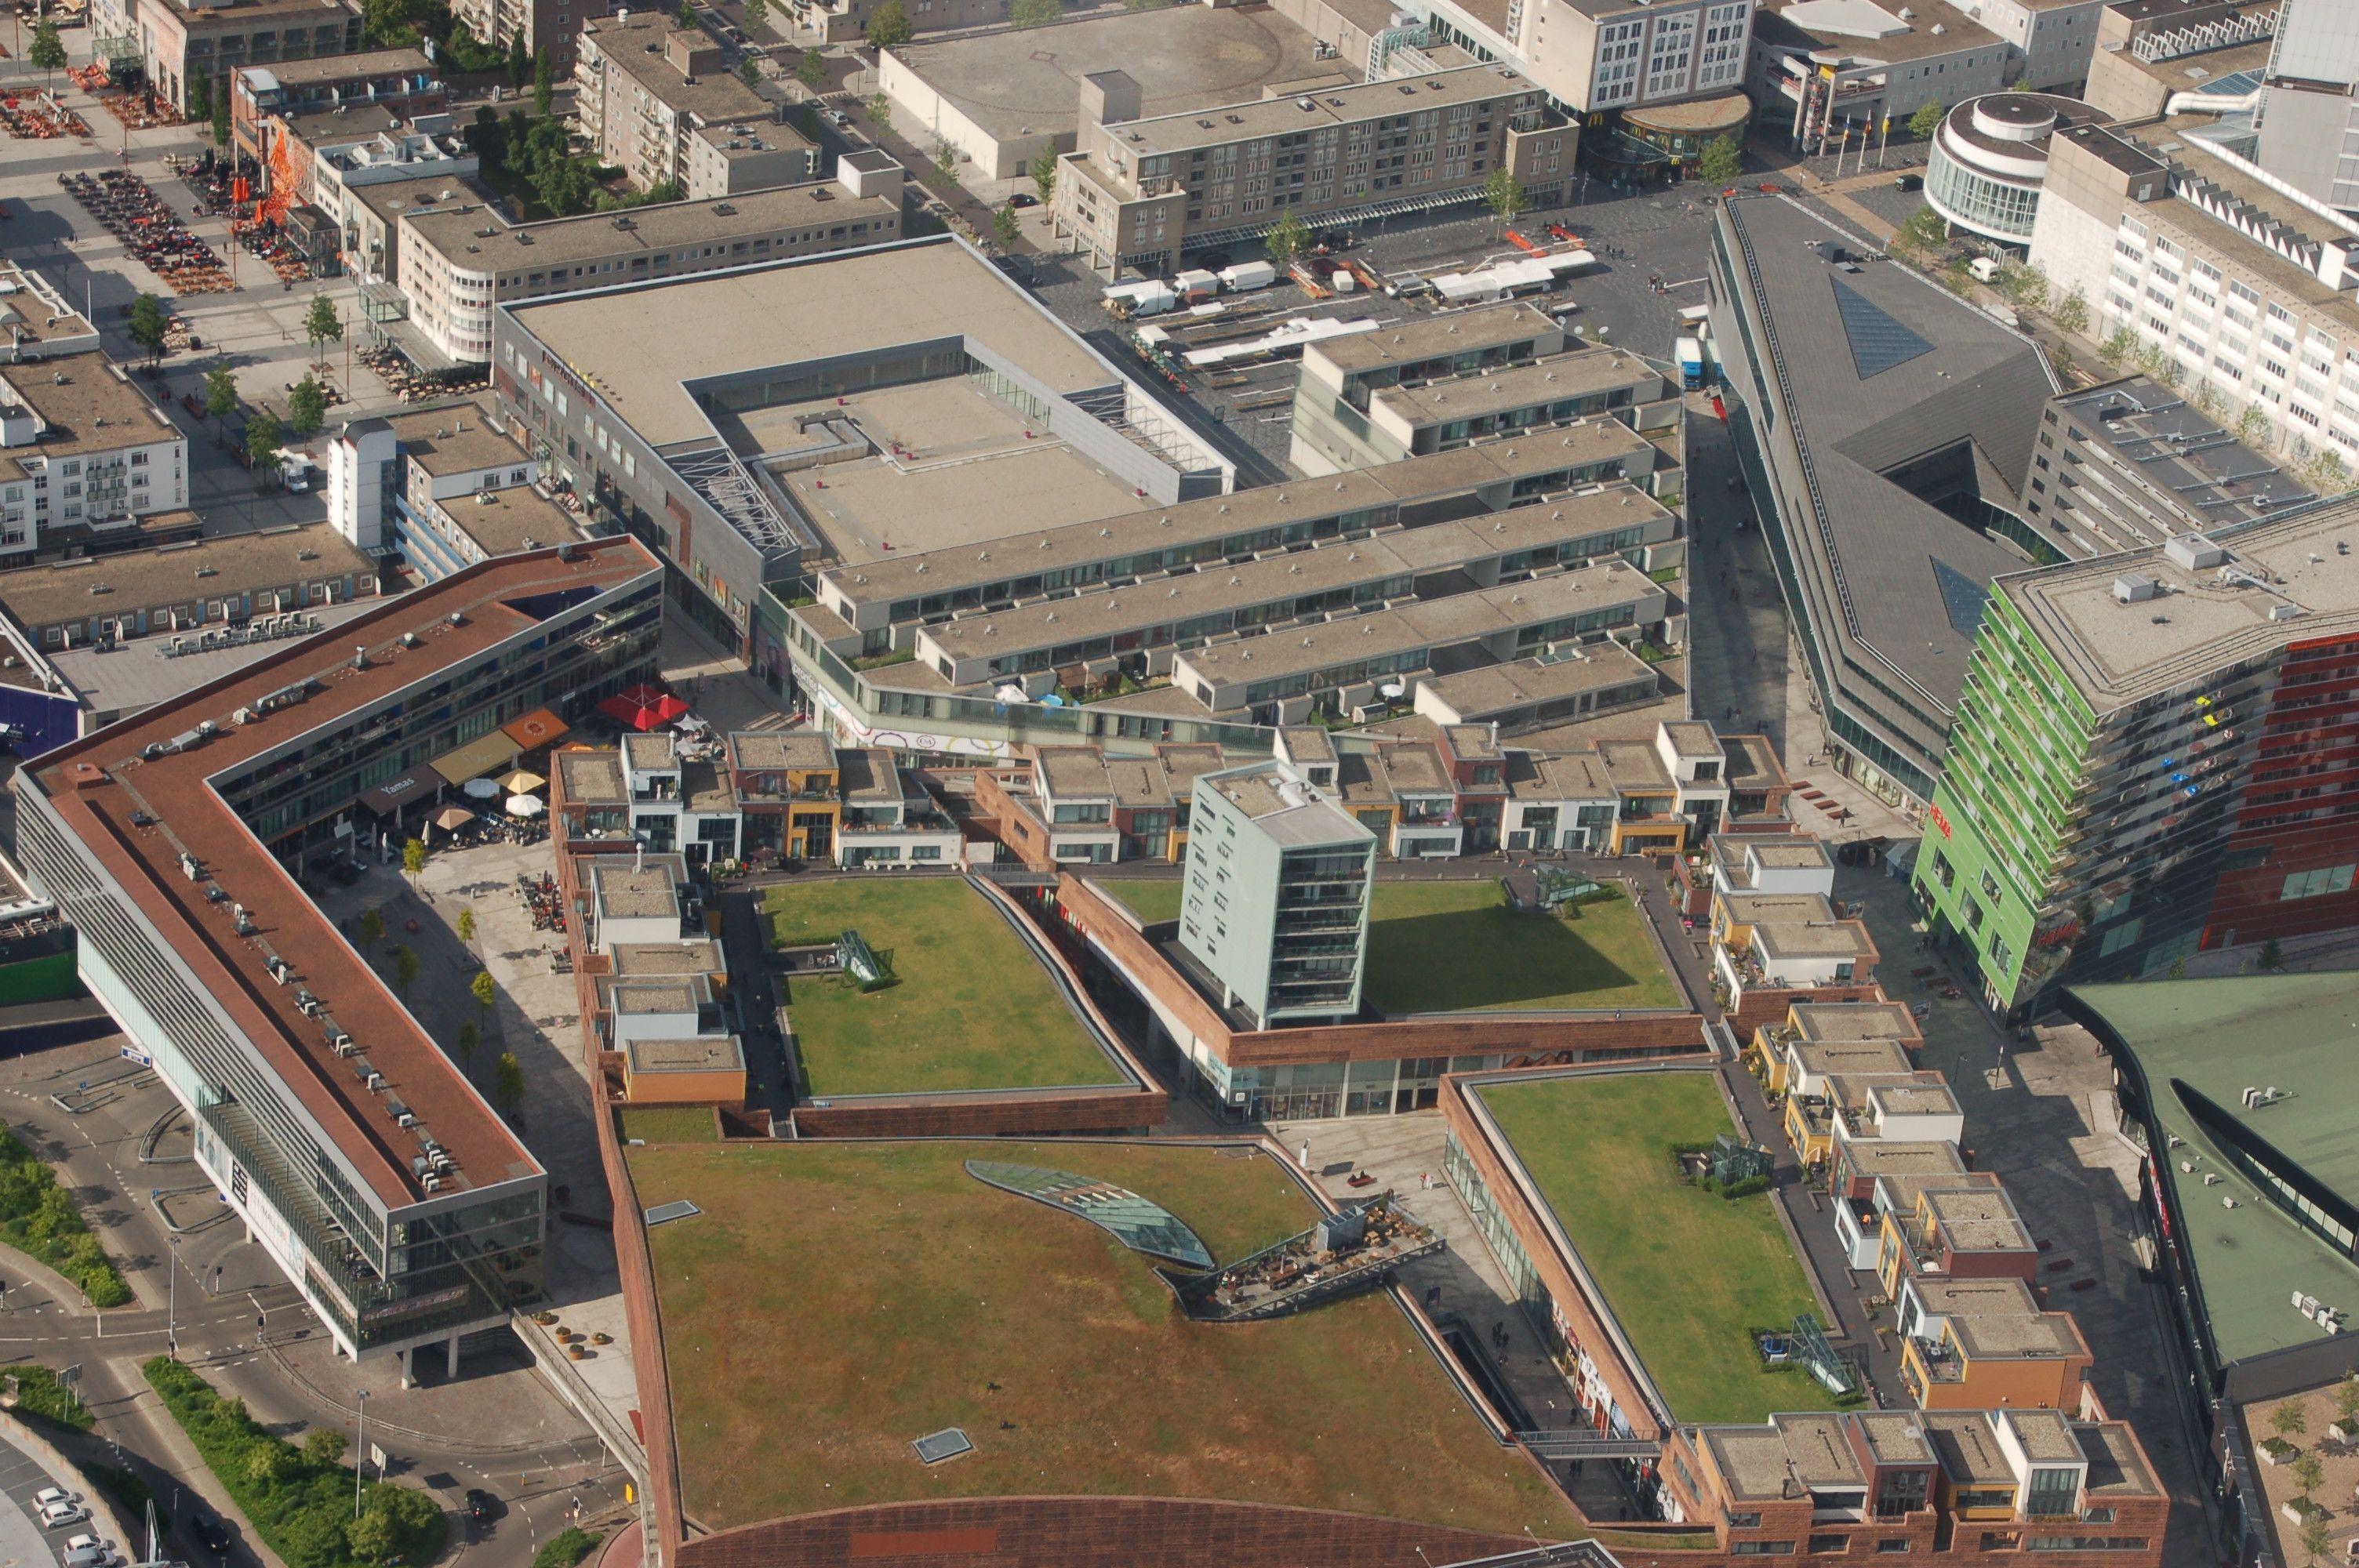 Warum nicht einfach mal auf dem Dach der Shopping-Mall ein paar Town Houses bauen? Das hat sich Rem Koolhaas in Almere gedacht - schließlich ist Wohnraum knapp in Holland.